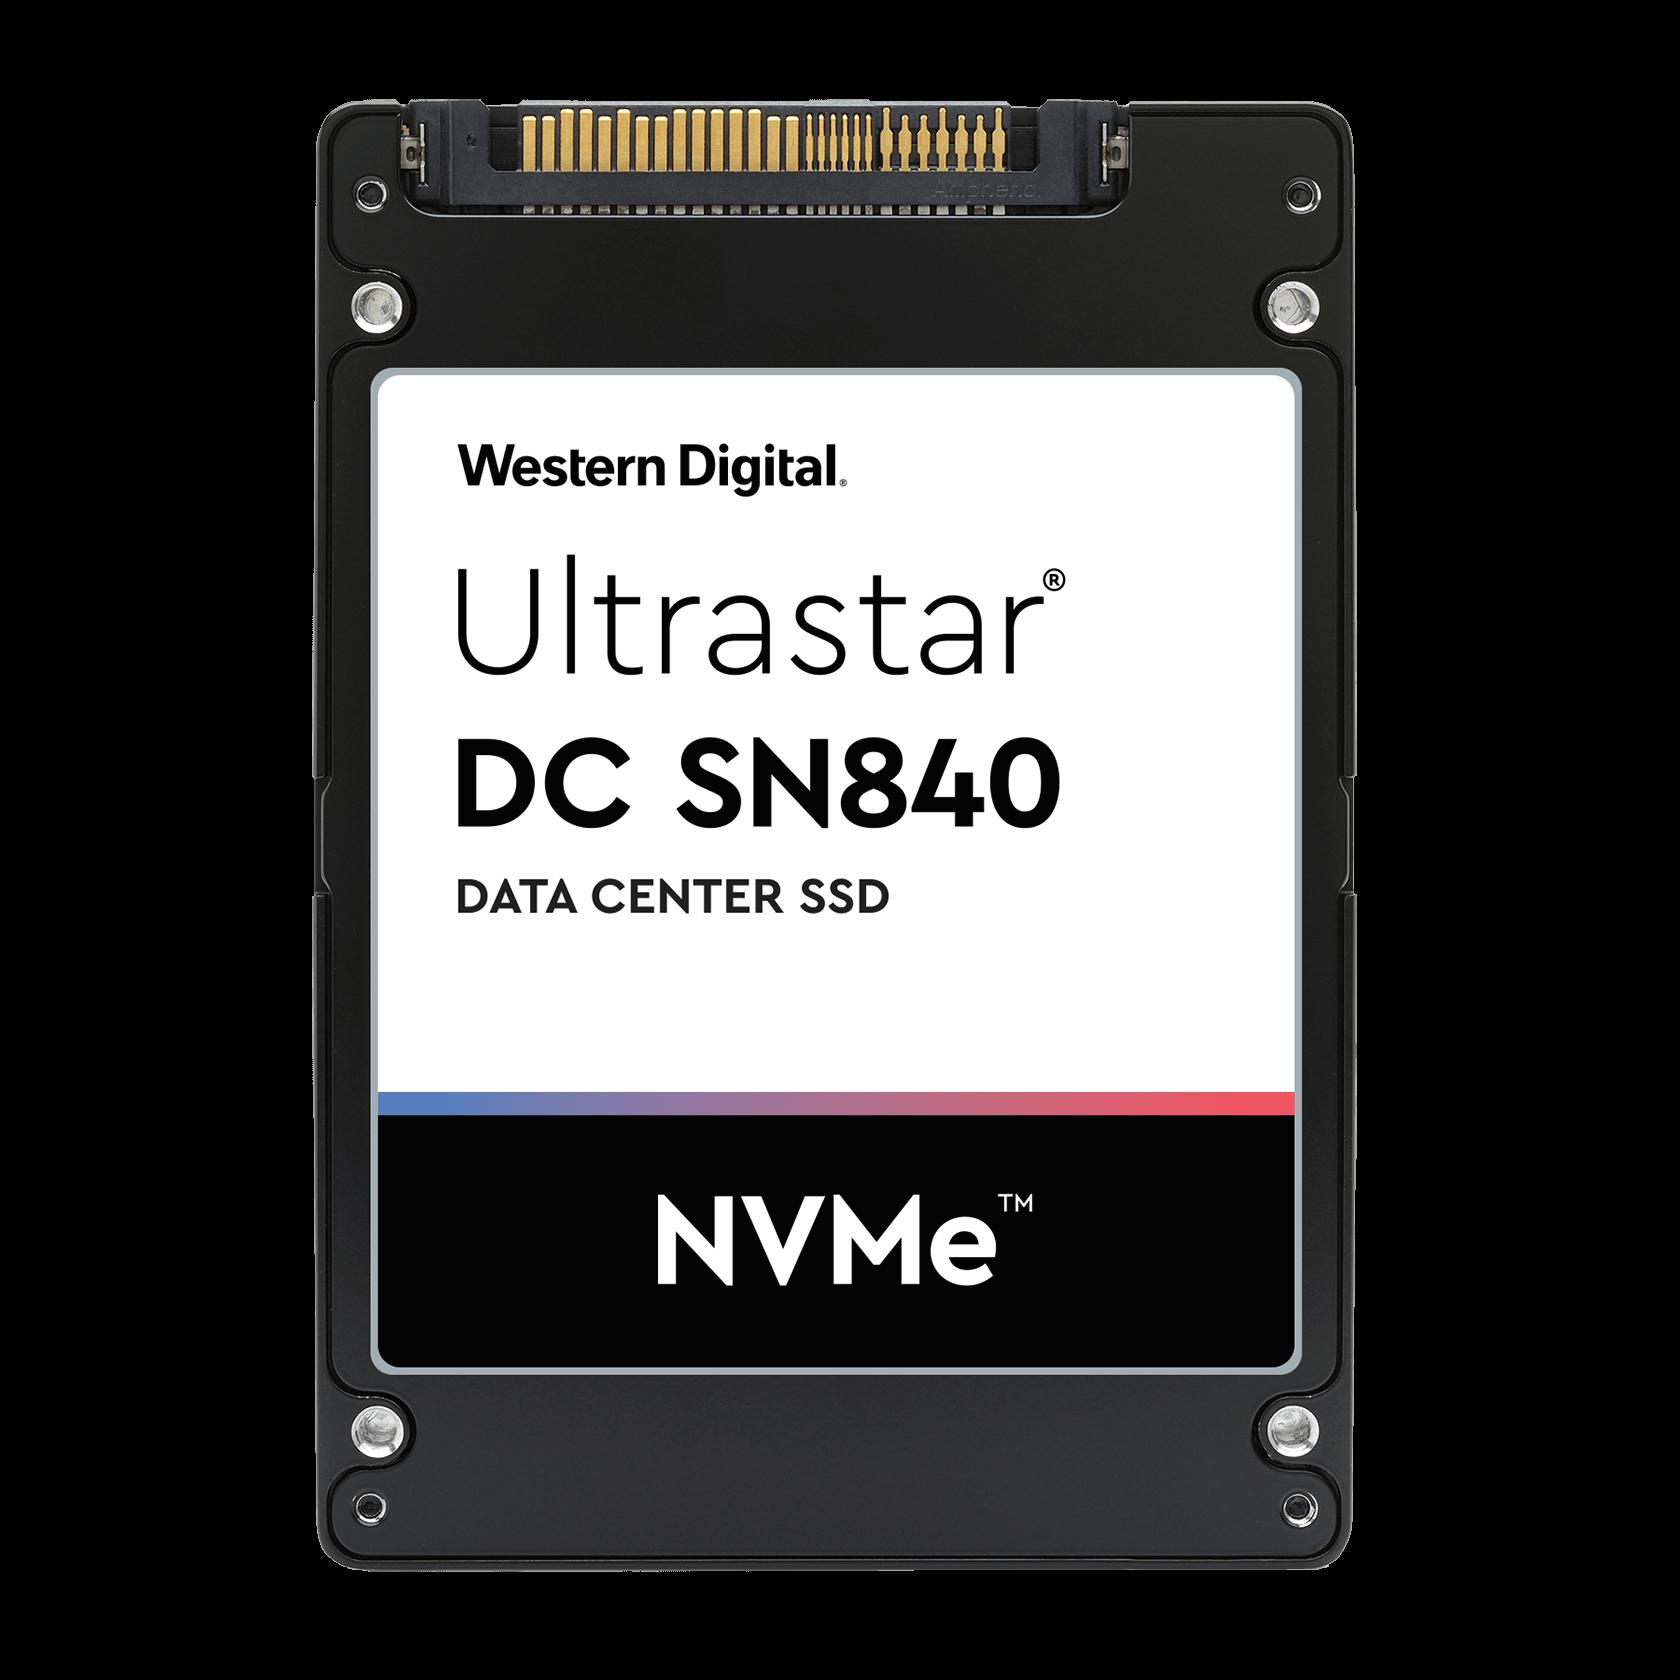 36TB Ultrastar® DC SN840 - - 0TS1881.Western Digital 15 ...